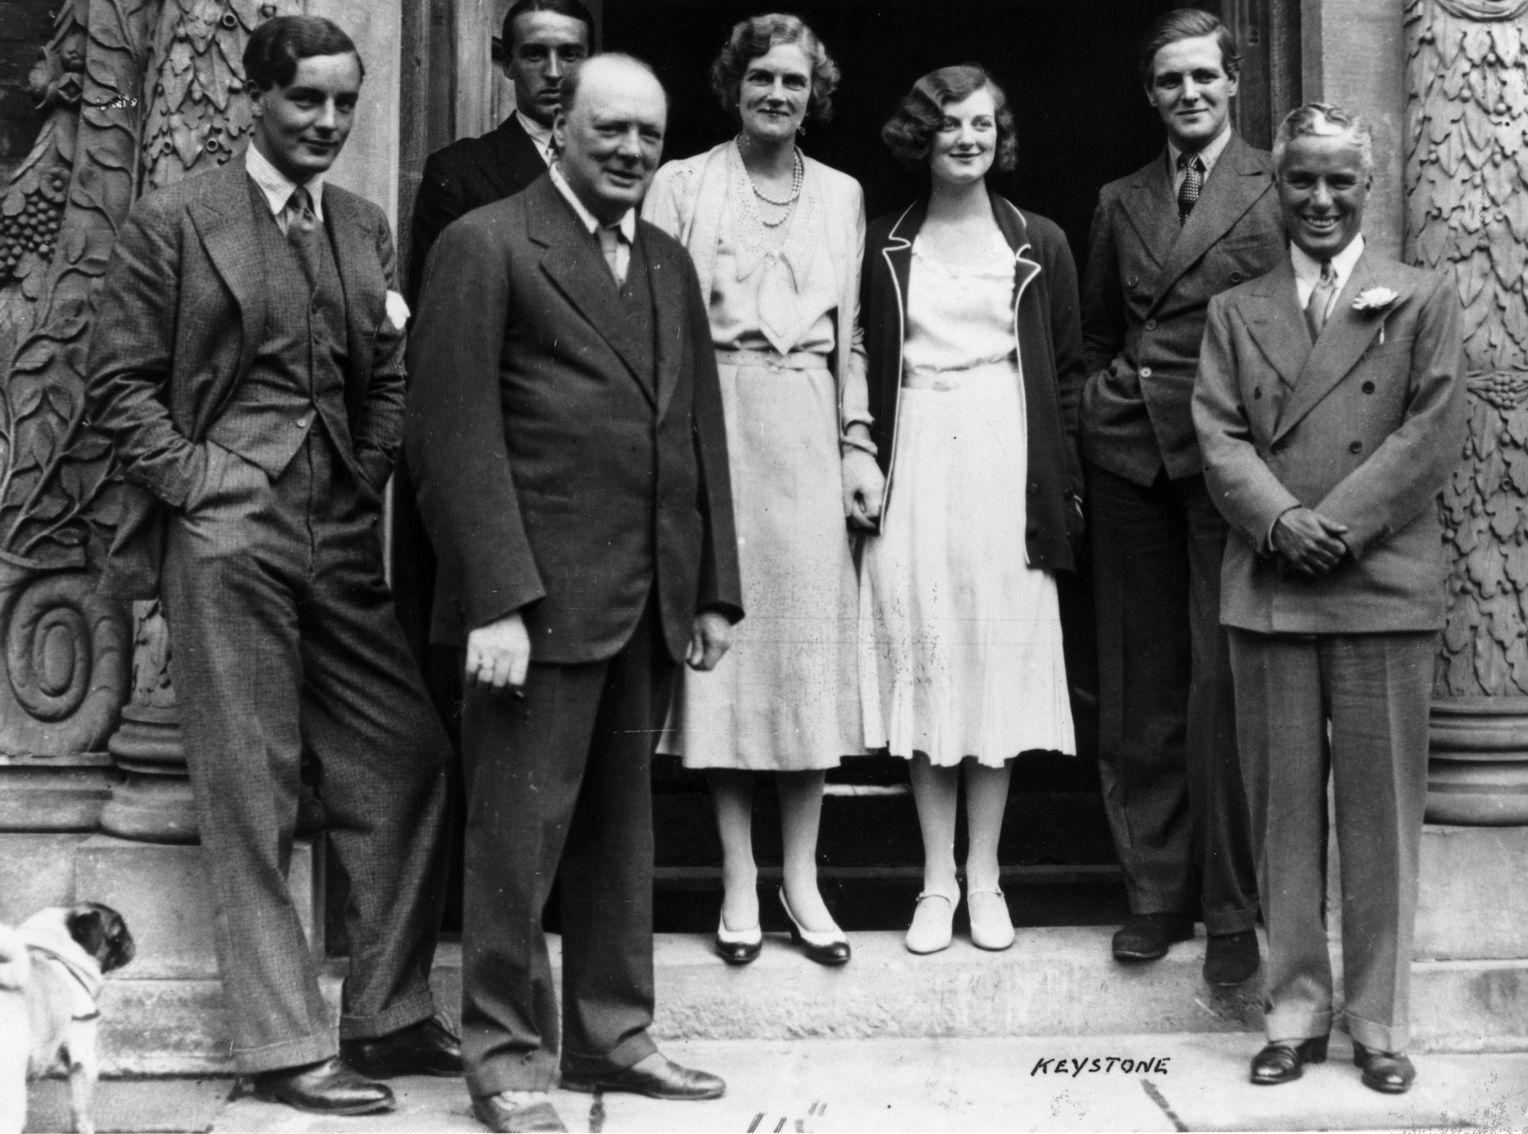 ЧЧерчилли: супружеская пара Уинстон и Клементина Черчилль (центр изображения) со своими детьми Дианой и Рэндольфом, а также актер Чарли Чаплин (р.) в июле 1931 года в Чартвелле. В крайнем левом углу стоит Том Митфорд, единственный брат сестер Митфорд, погибший в Бирме в 1945 году,-Клементина Черчилль была двоюродной сестрой Митфордов.